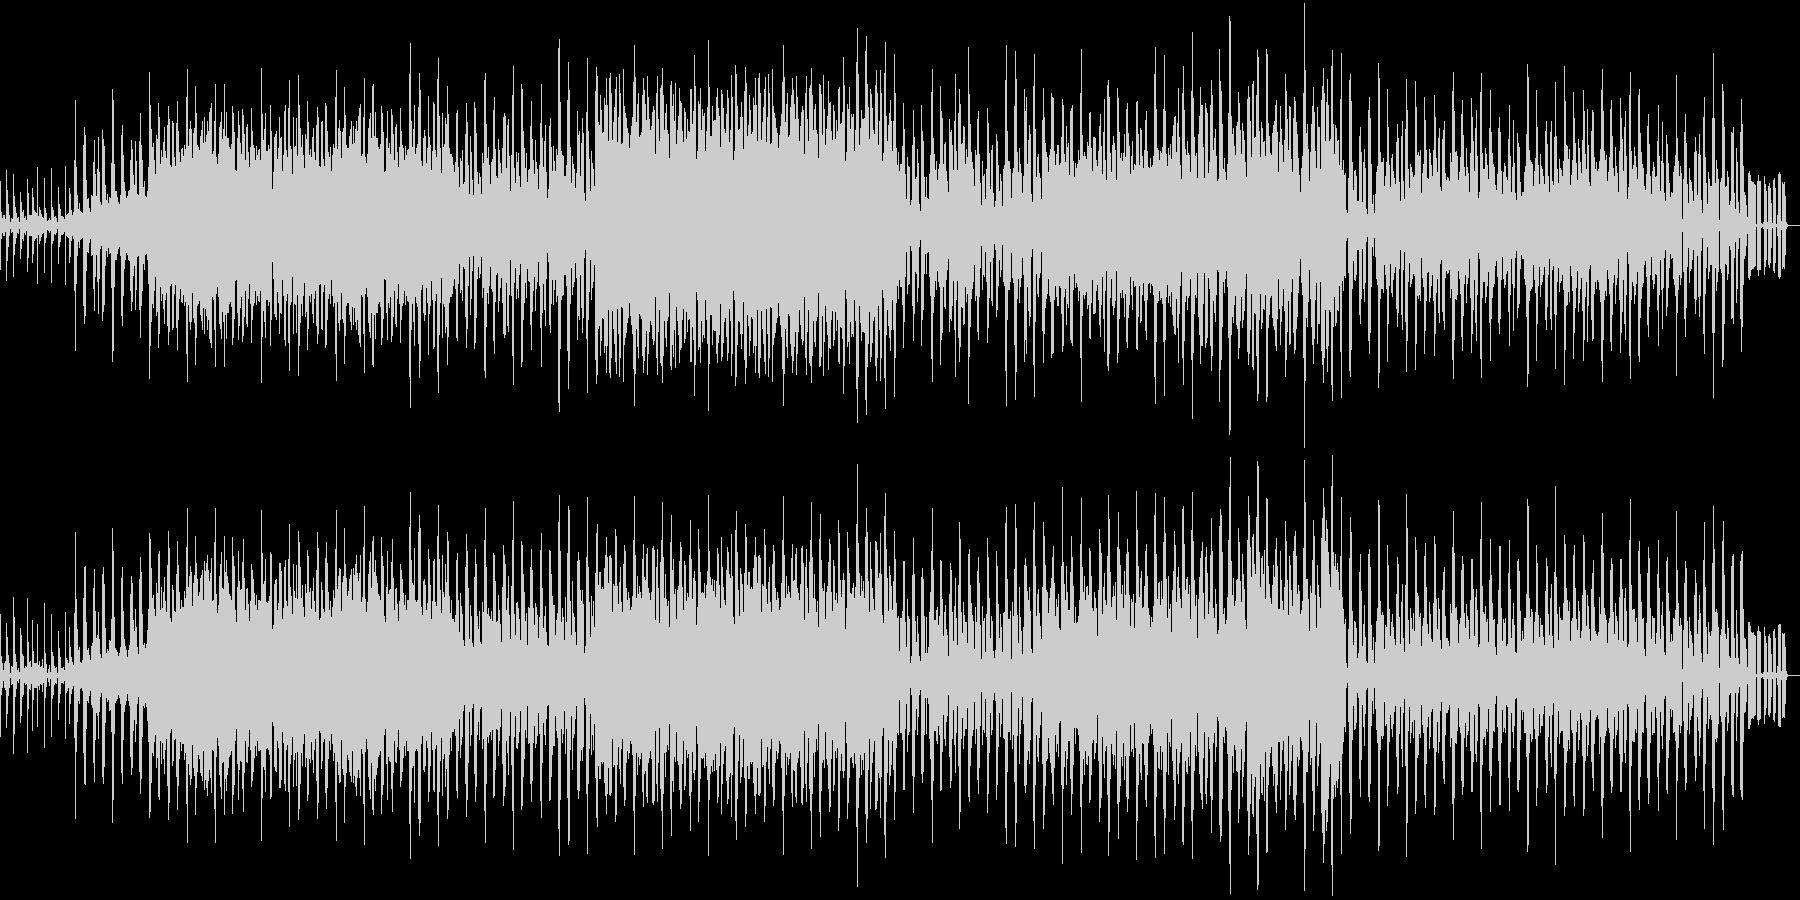 アジアンテイストの夏向きダンスBGMの未再生の波形